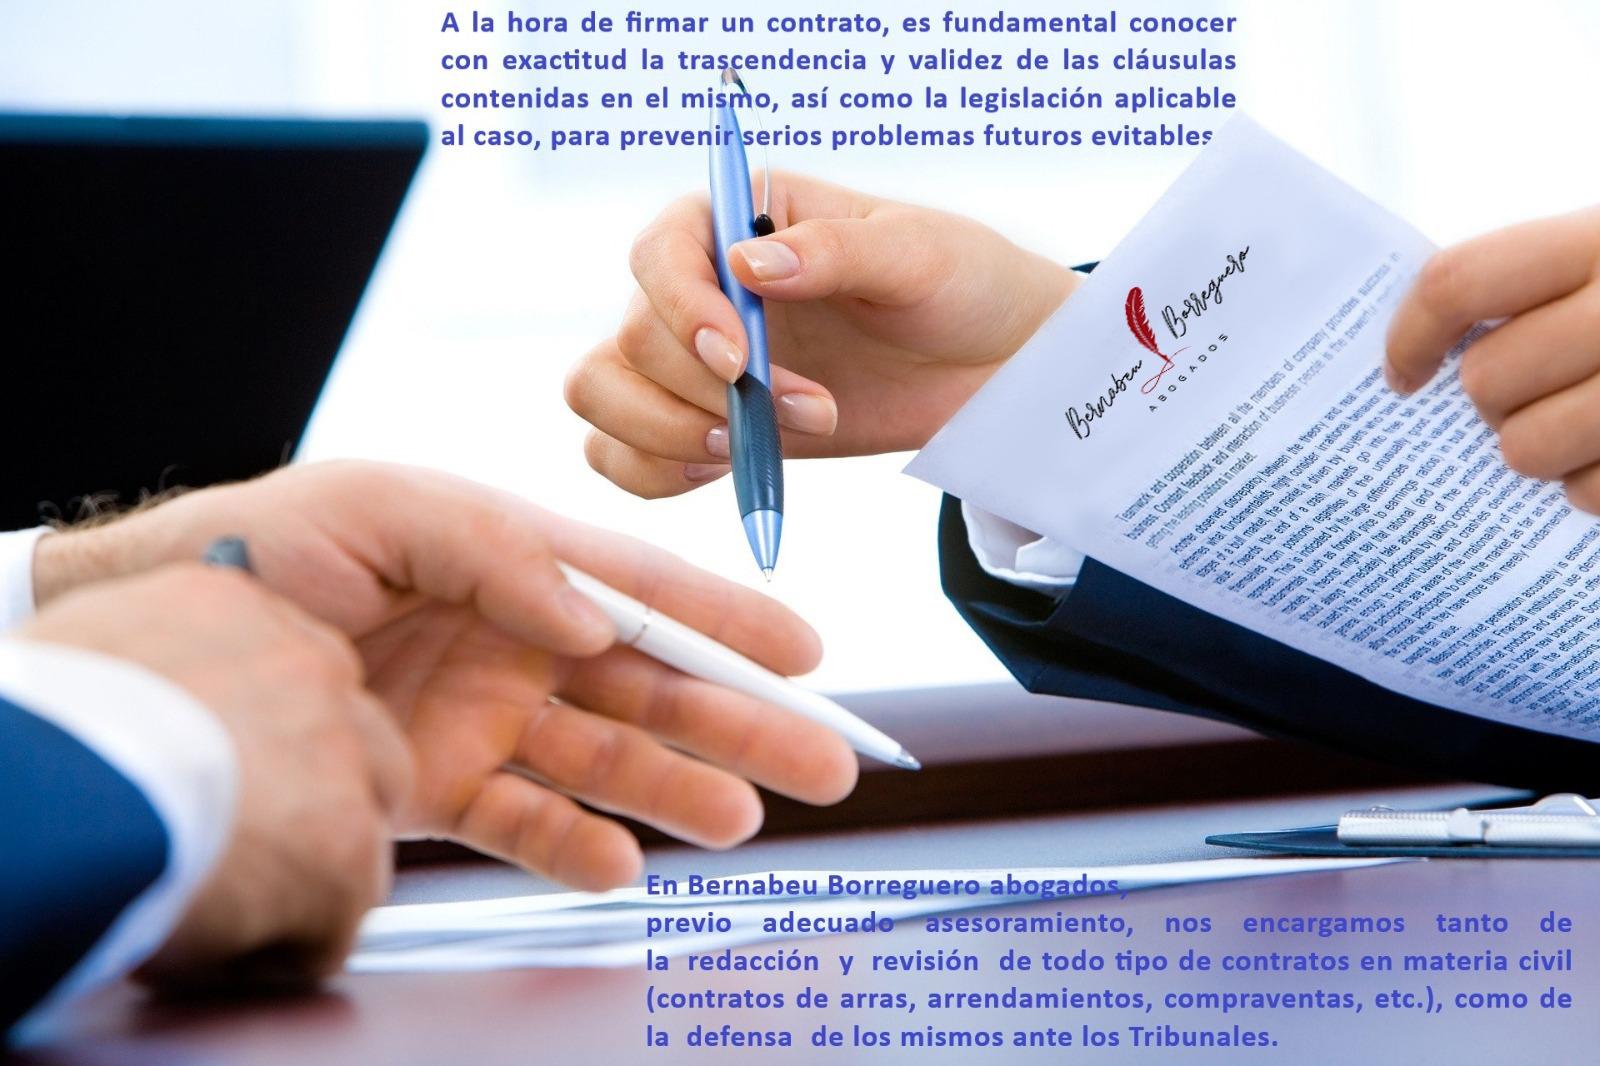 Redacción, revisión y defensa jurídica de contratos